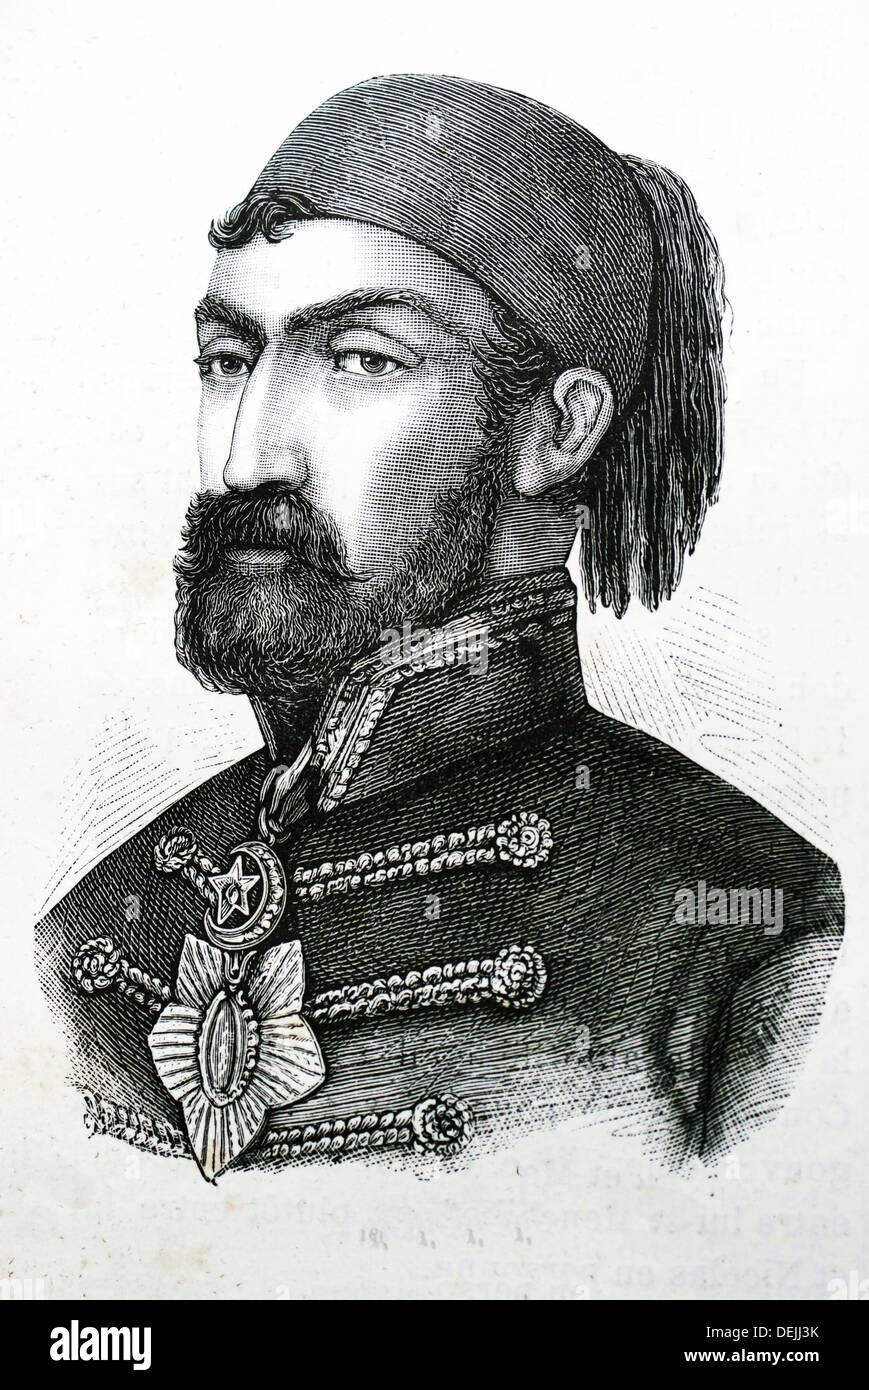 Historia-XIXc - Omer pacha- Omar Pasha Latas griego: μ, 1806-1871 fue un general otomano fue un soldado serbio croata1234 Foto de stock